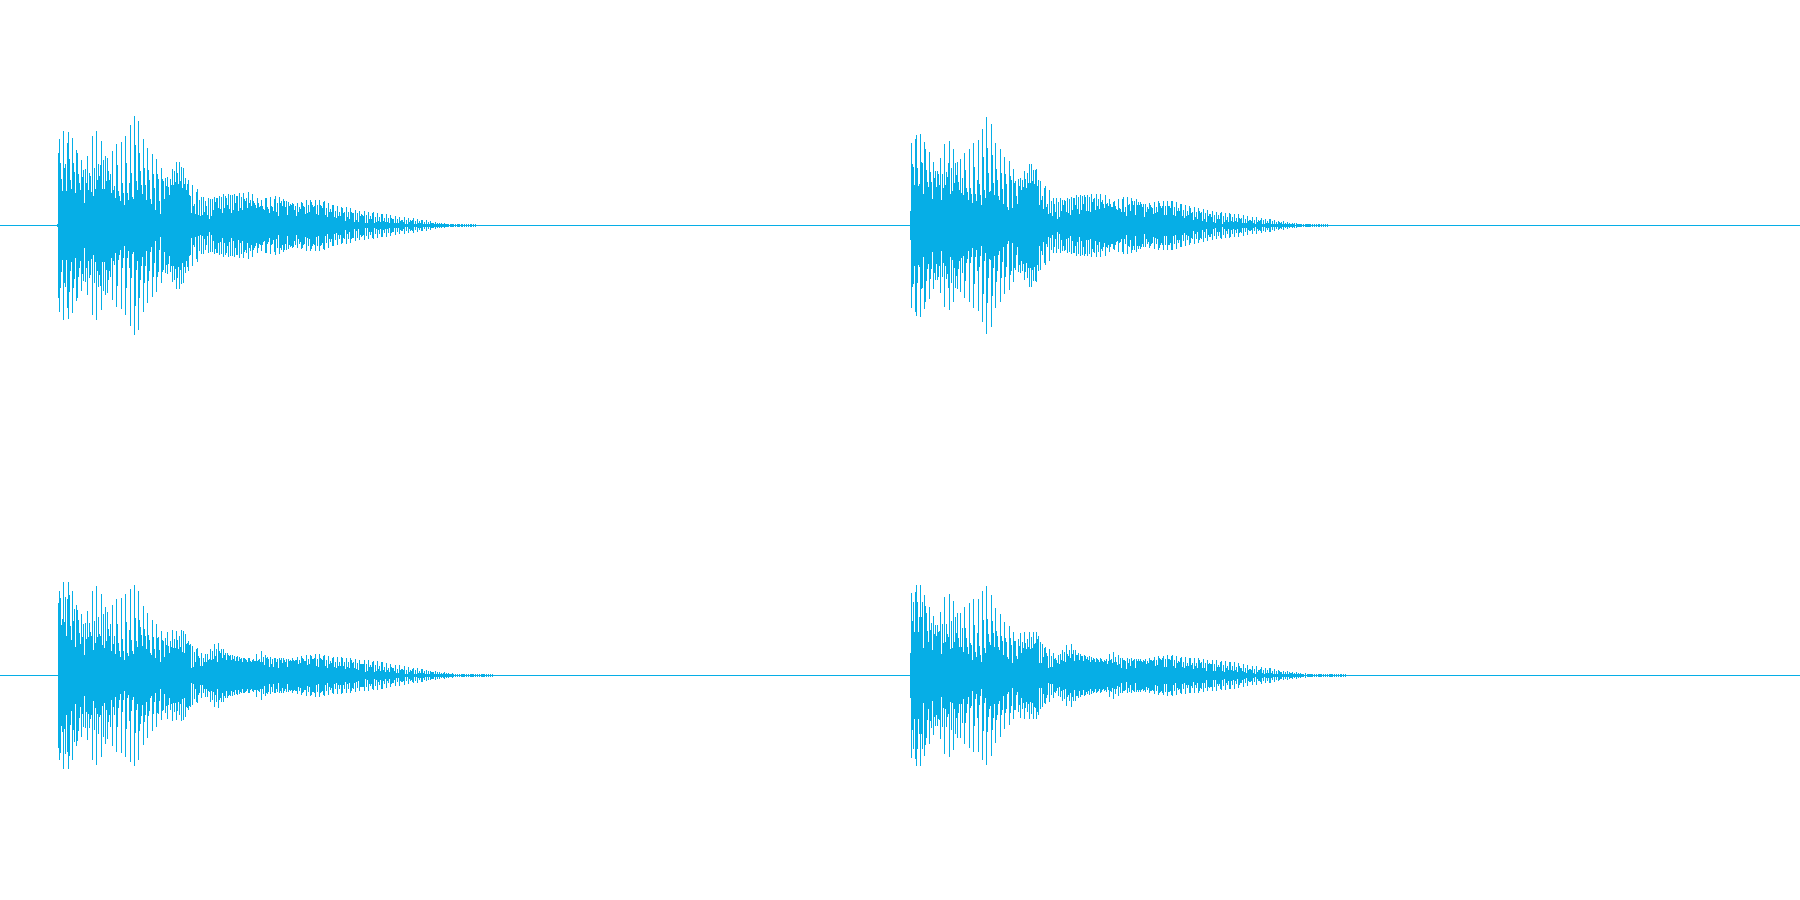 ポヨーン ポヨーン (ムックリの音)の再生済みの波形